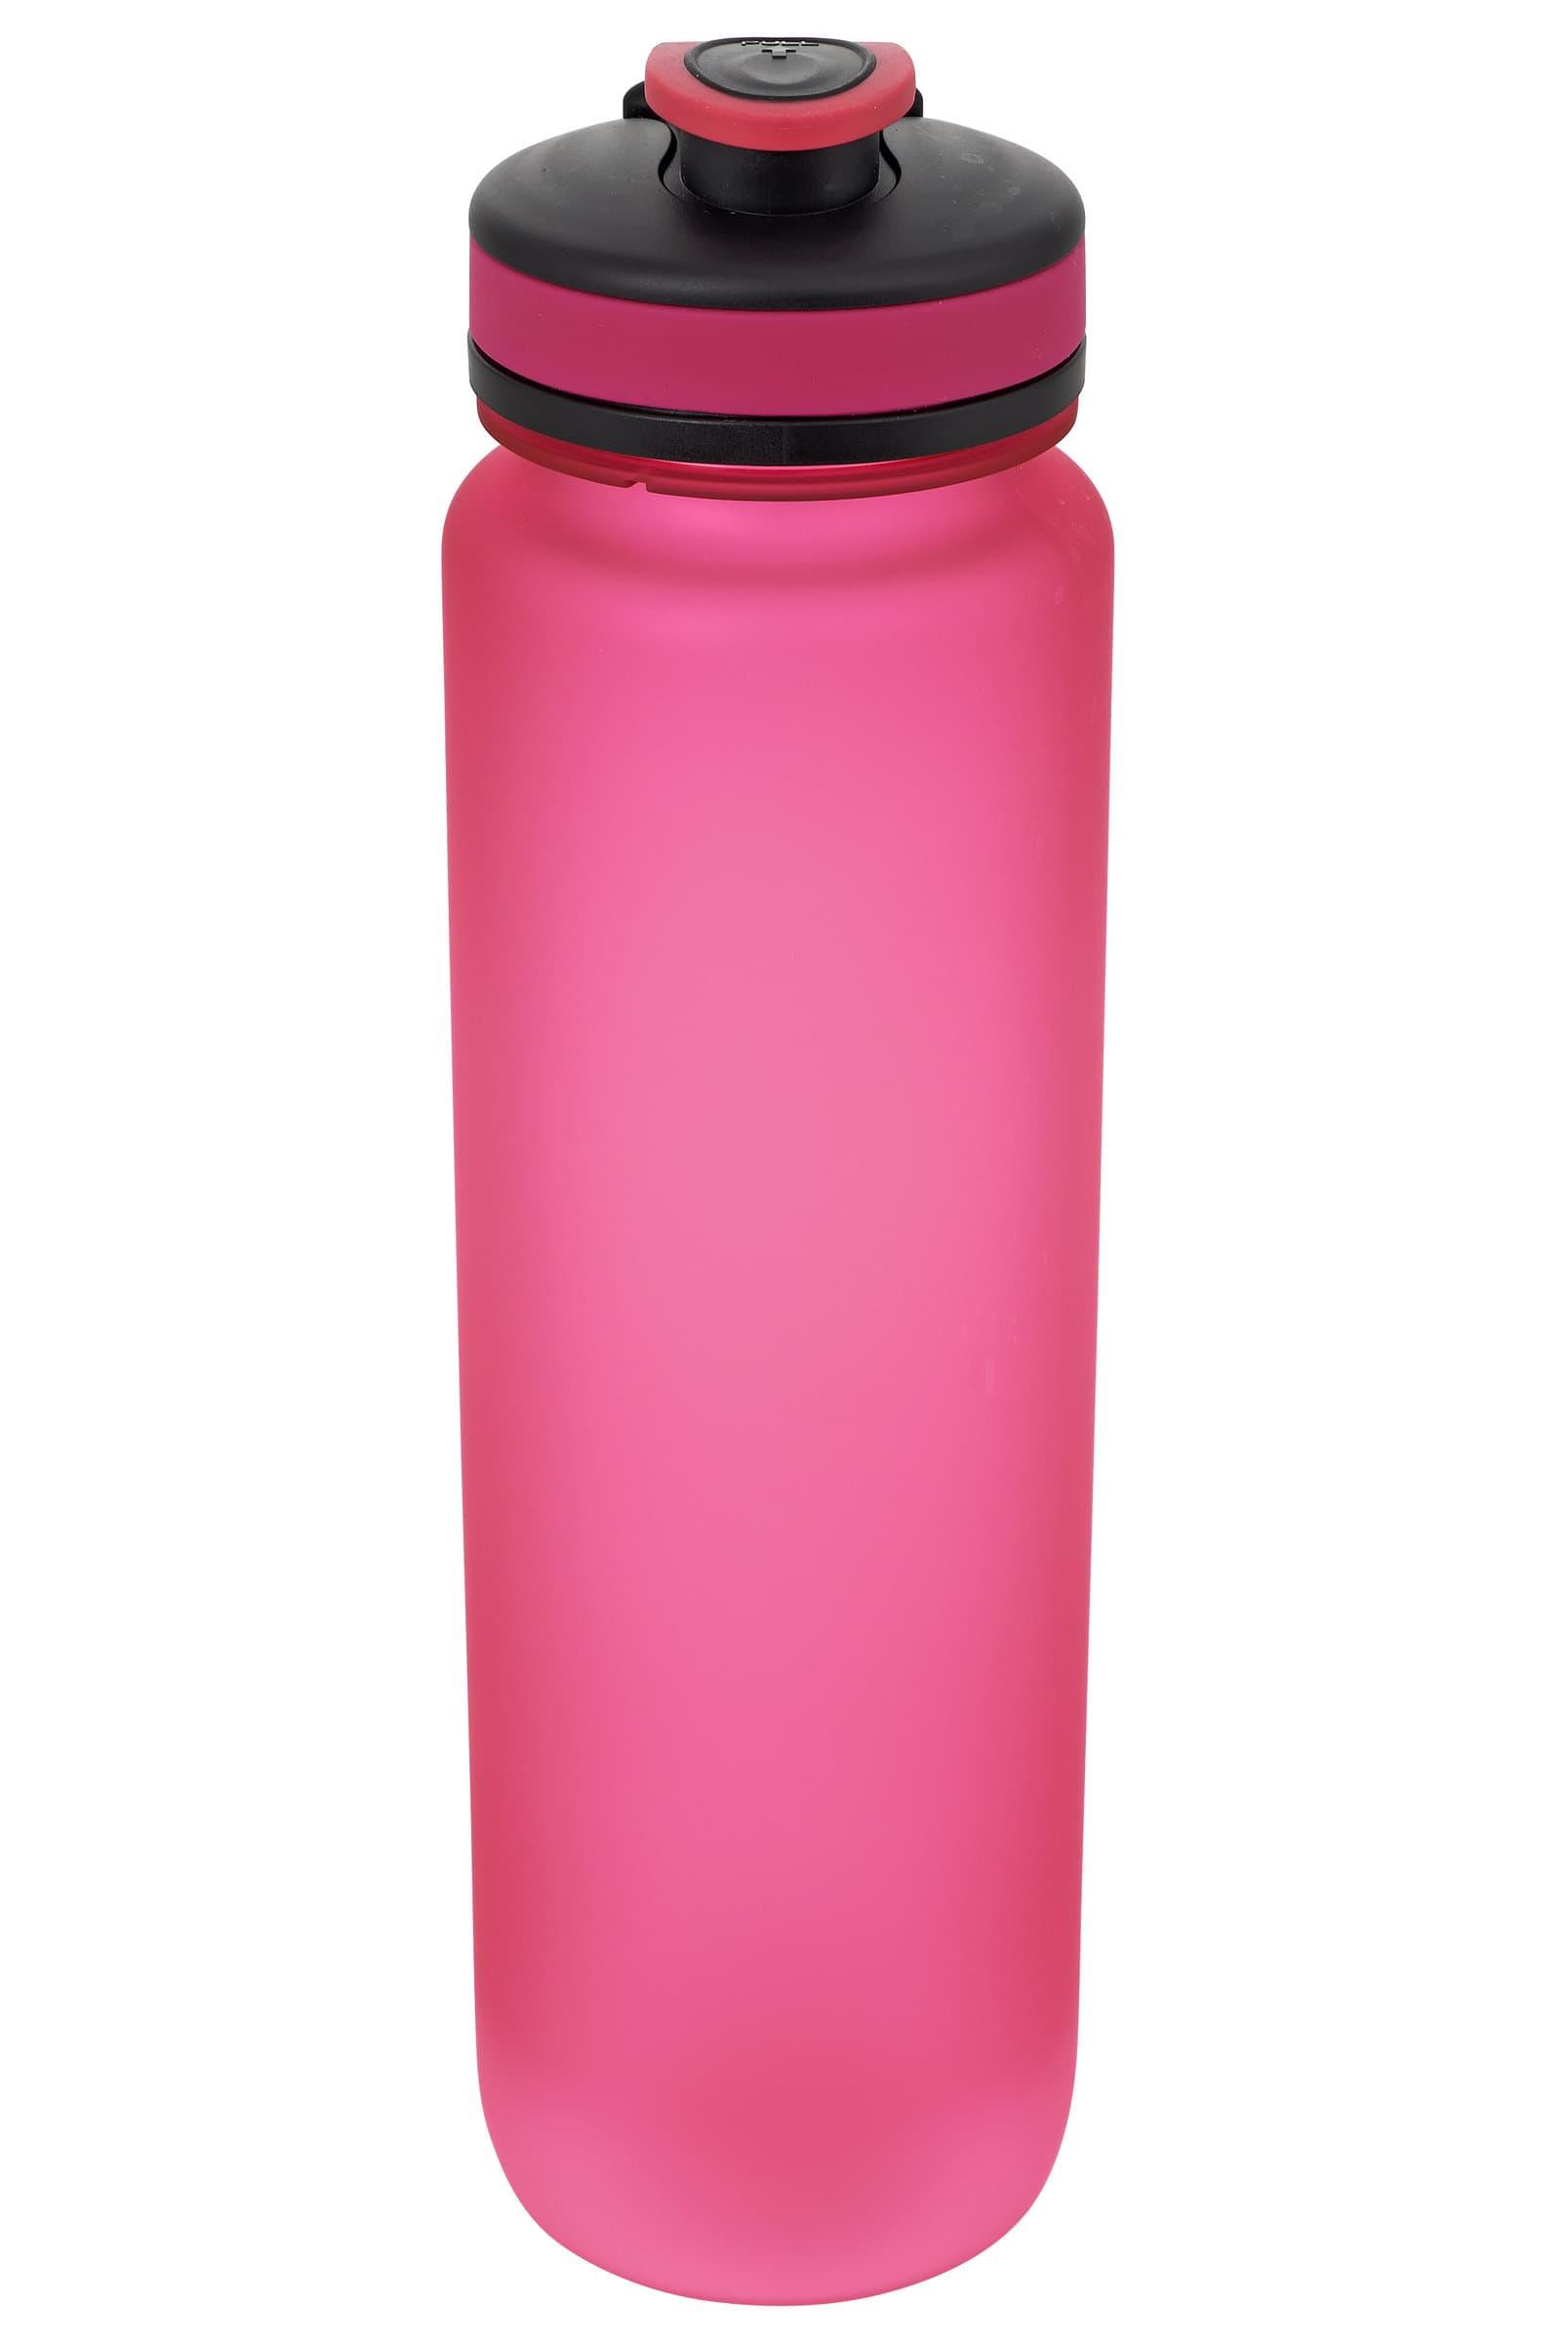 C&T Trinkflasche 1000ml